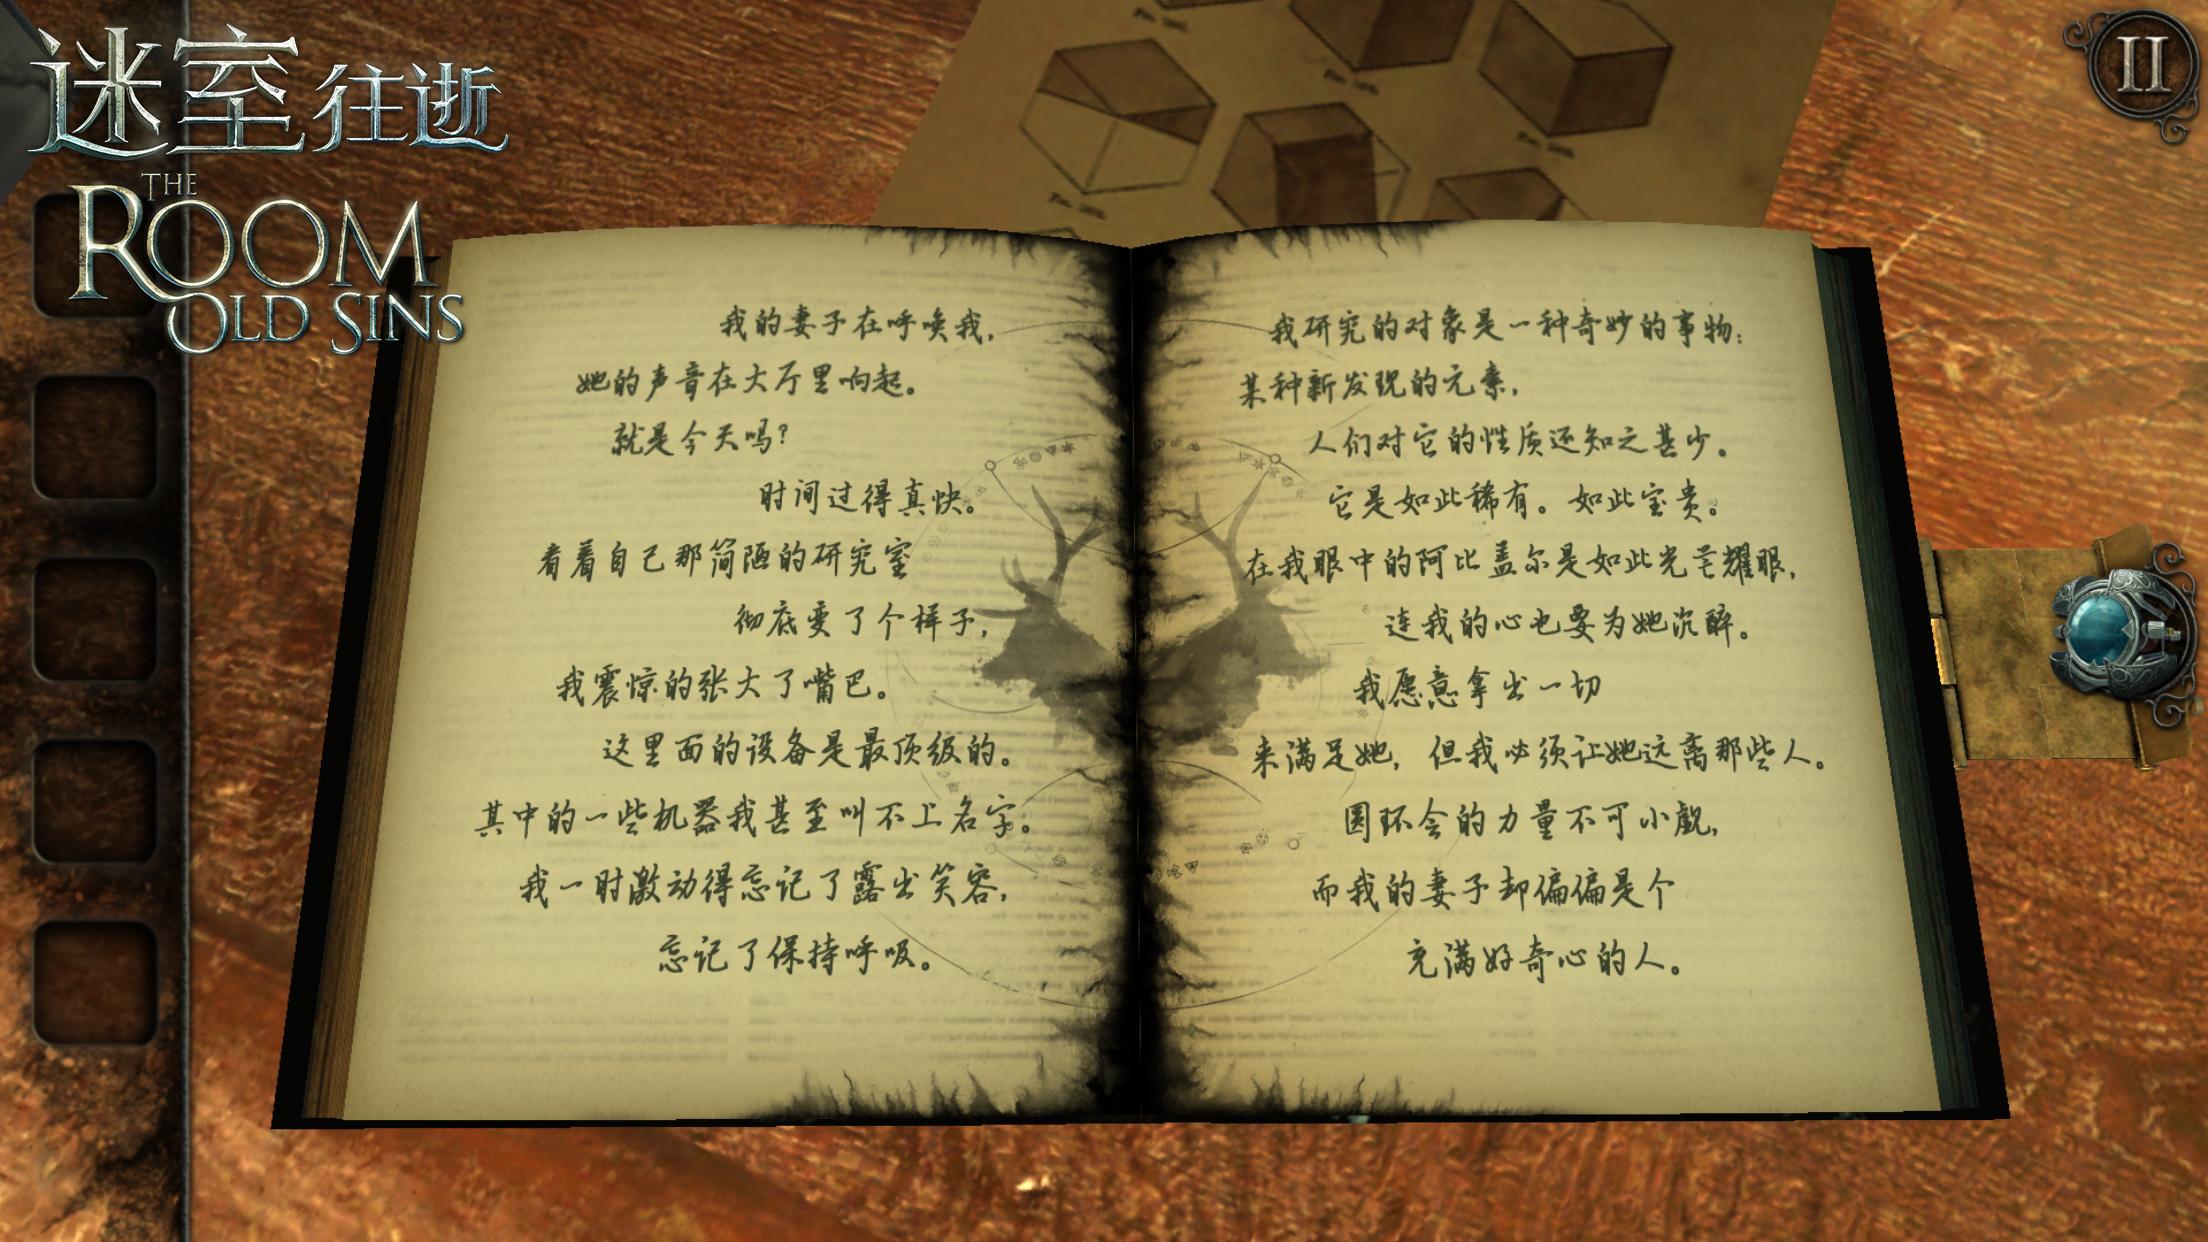 《迷室:往逝》手游今日全平台首发  网易云音乐暗藏玄机